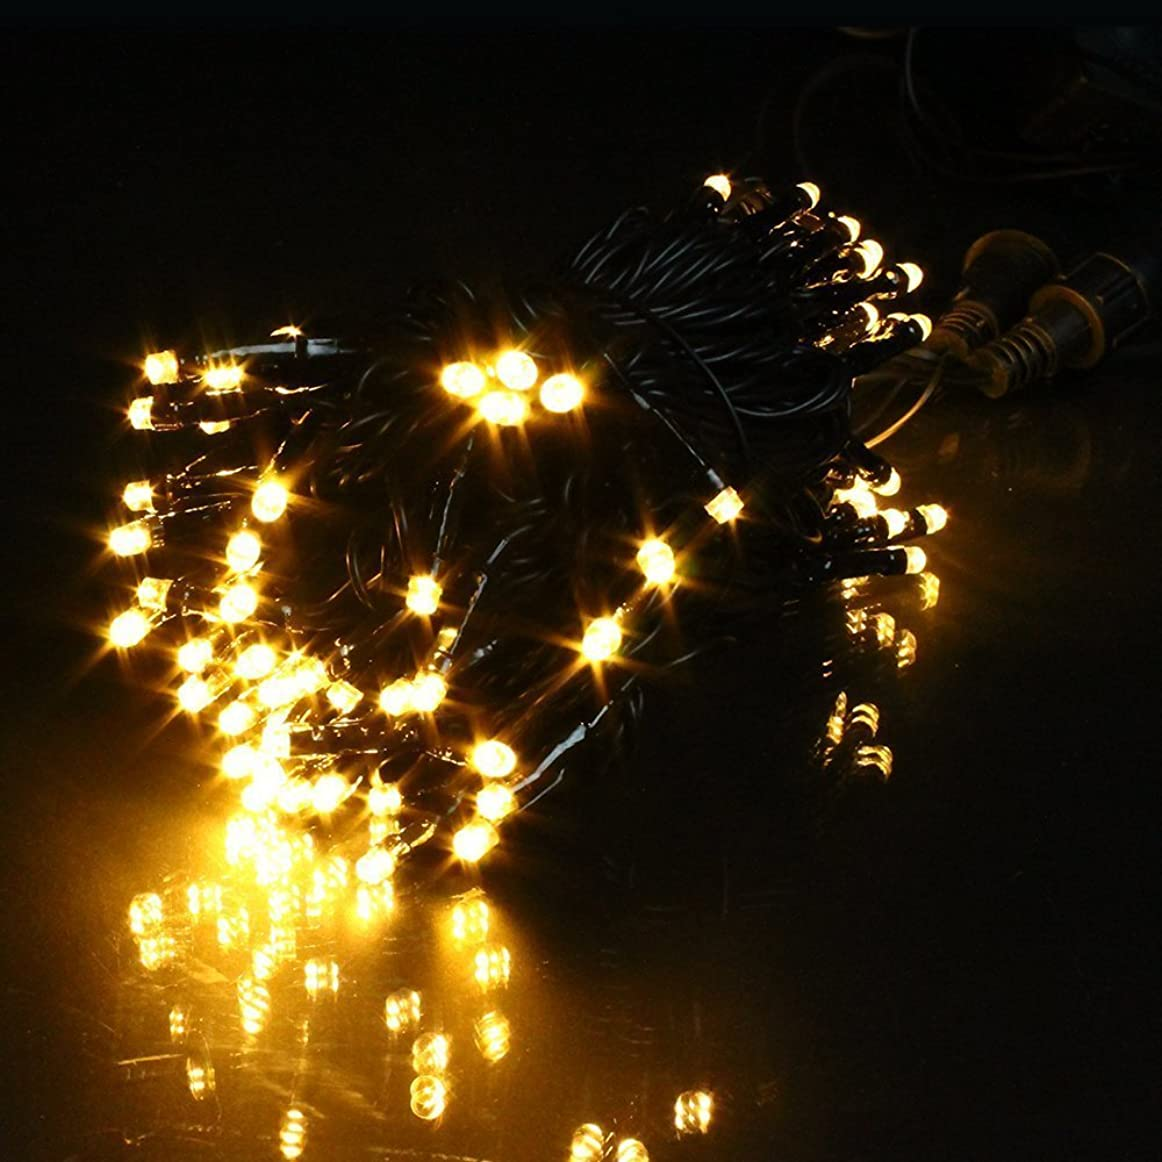 ドラゴンミルク傀儡バラエティ本舗 イルミネーション ストレート 30m 300球 ブラックケーブル(シャンパンゴールド)